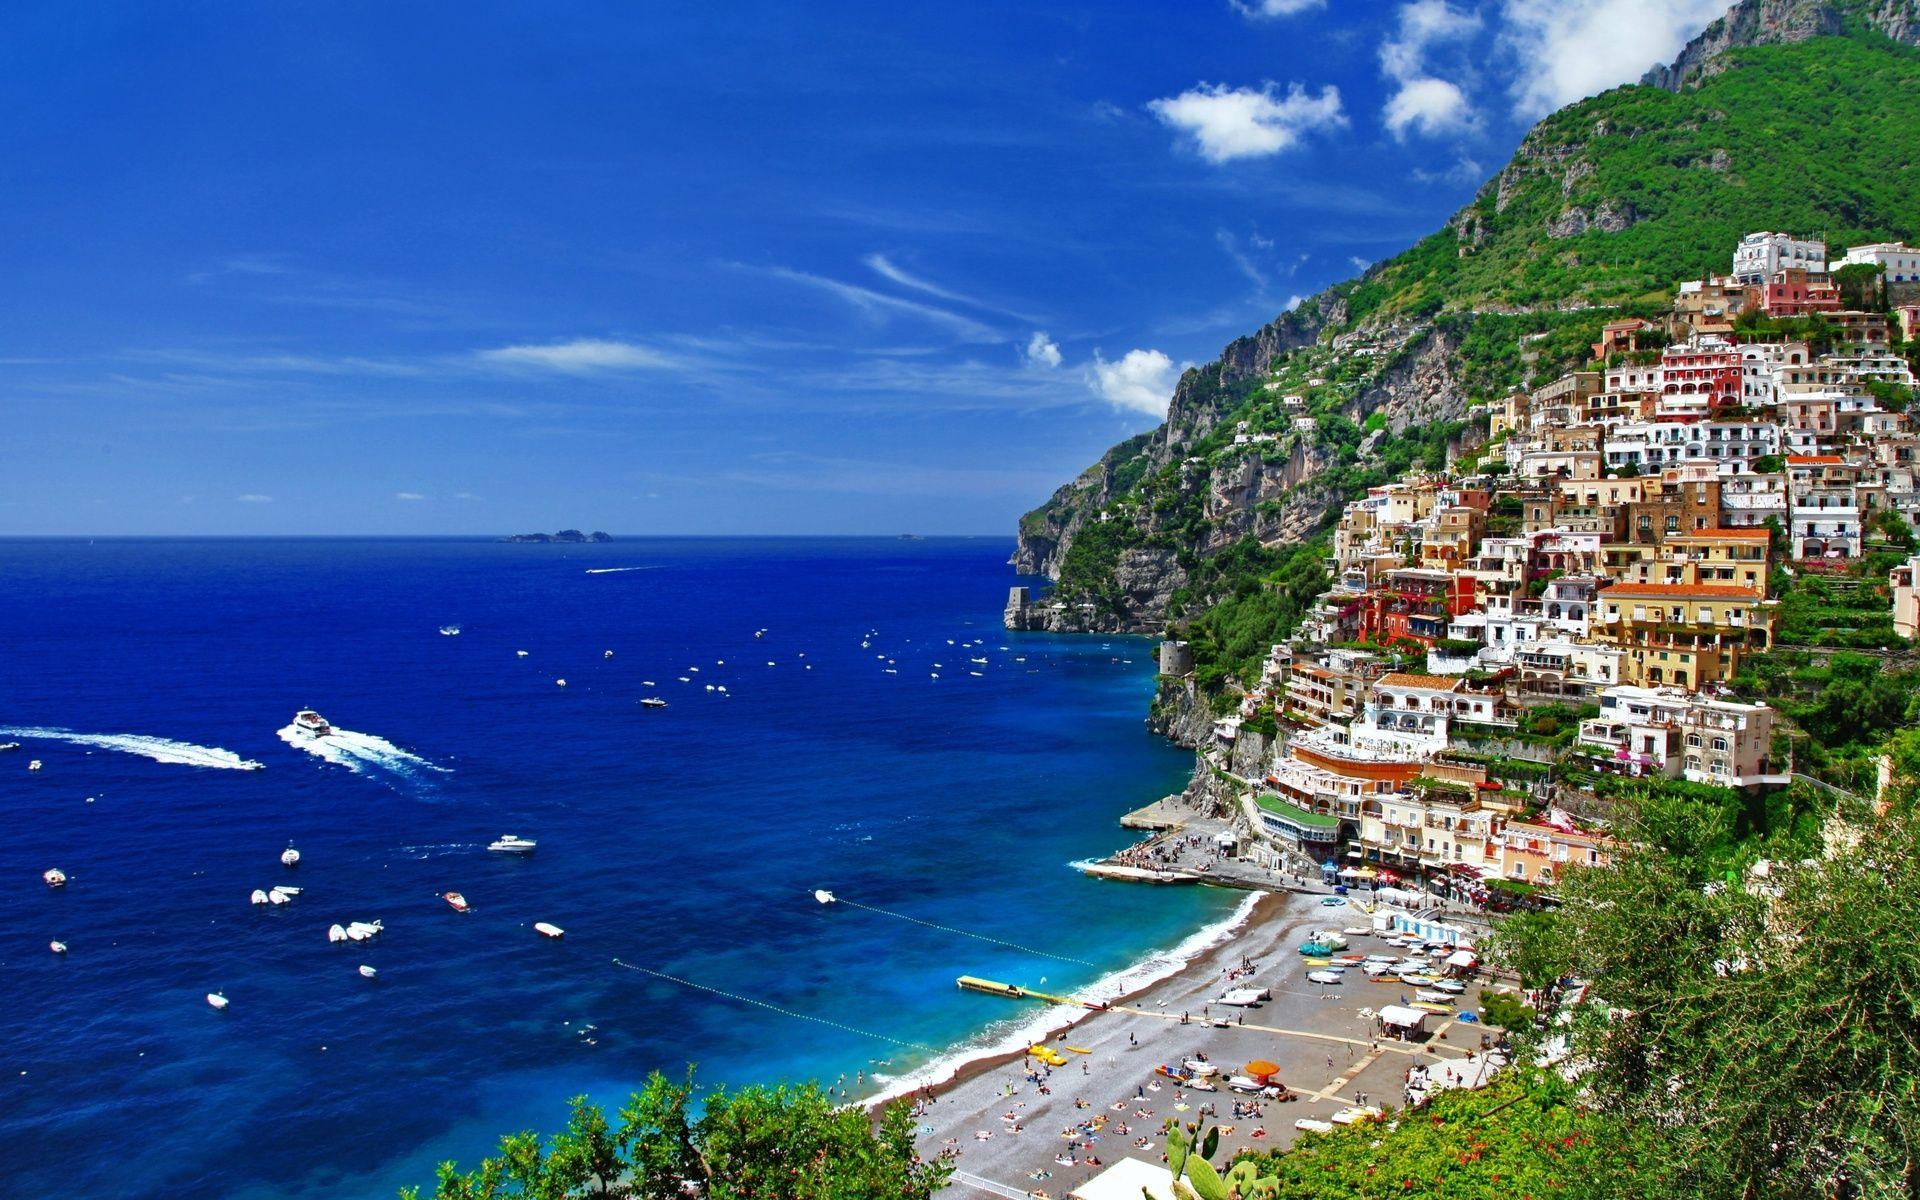 Beautiful Capri Italy Wallpaper Hd For Desktop Free Download Yeap